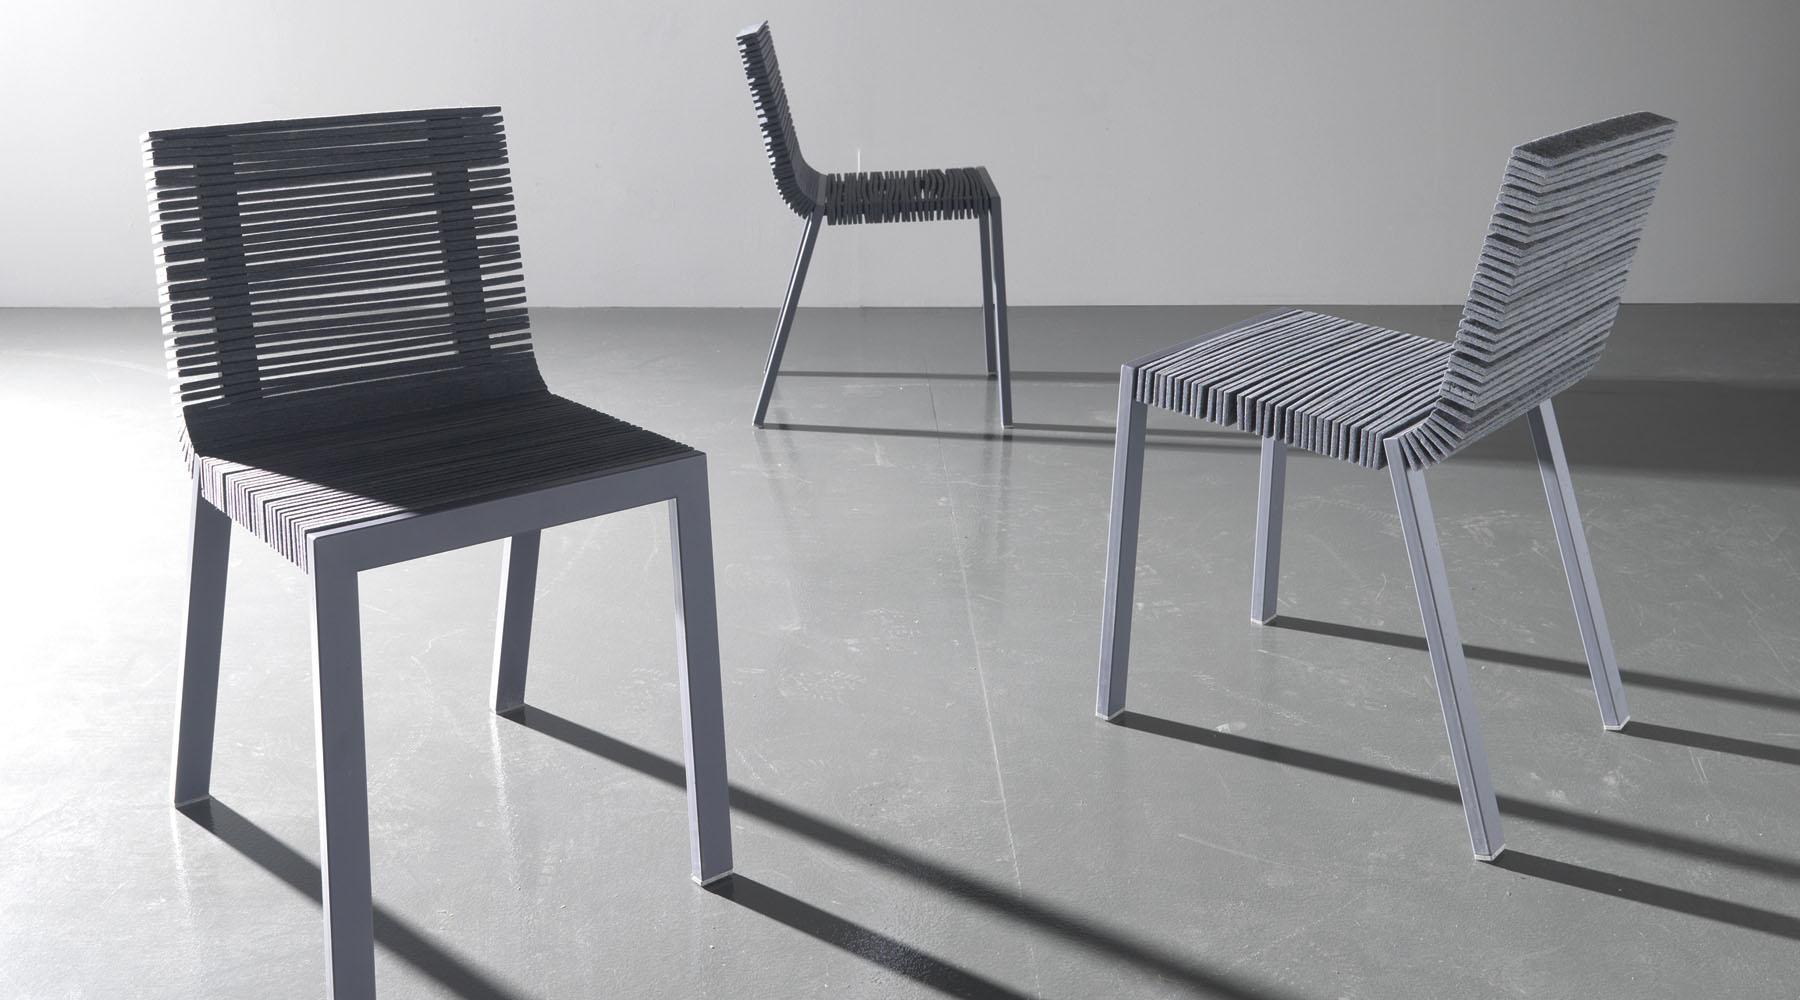 LAGO_Steps chair_3.jpg